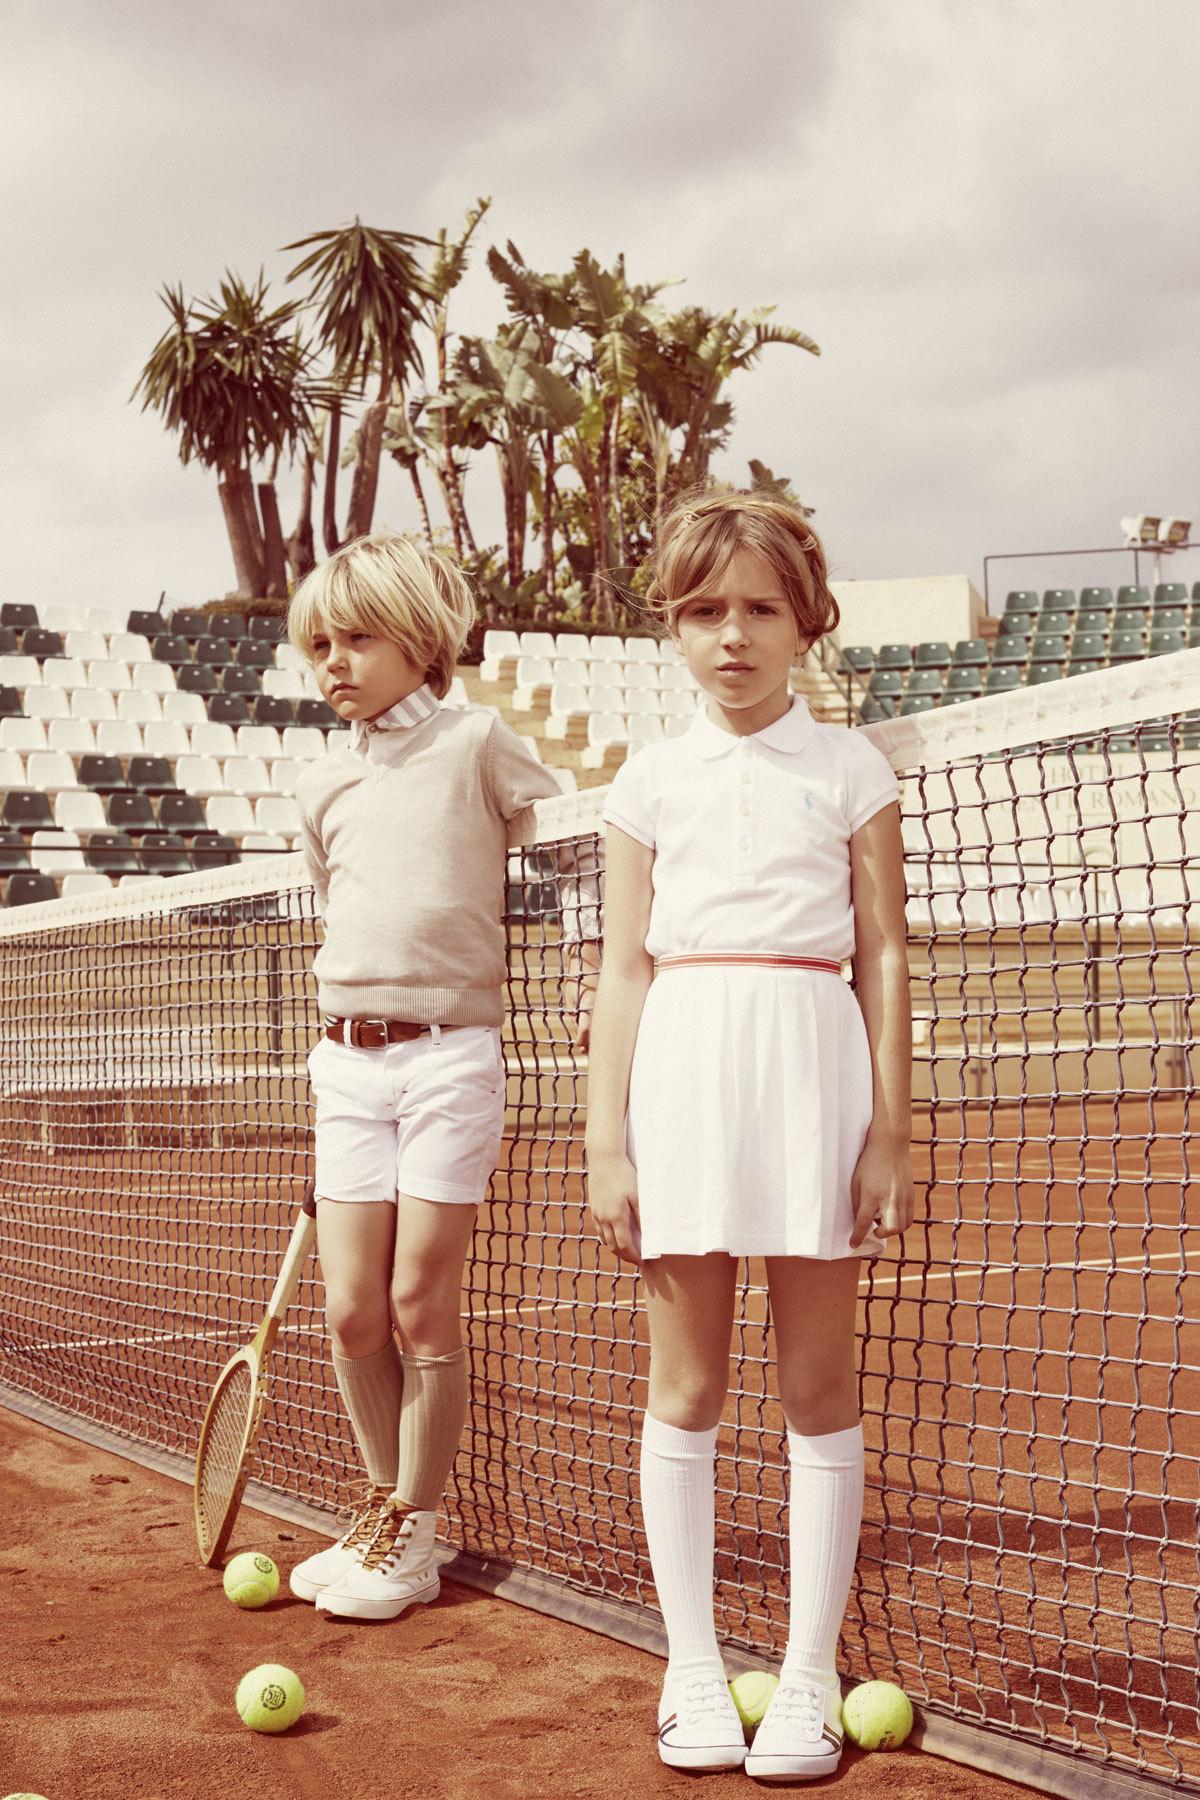 Tenis, uno de los deportes por excelencia